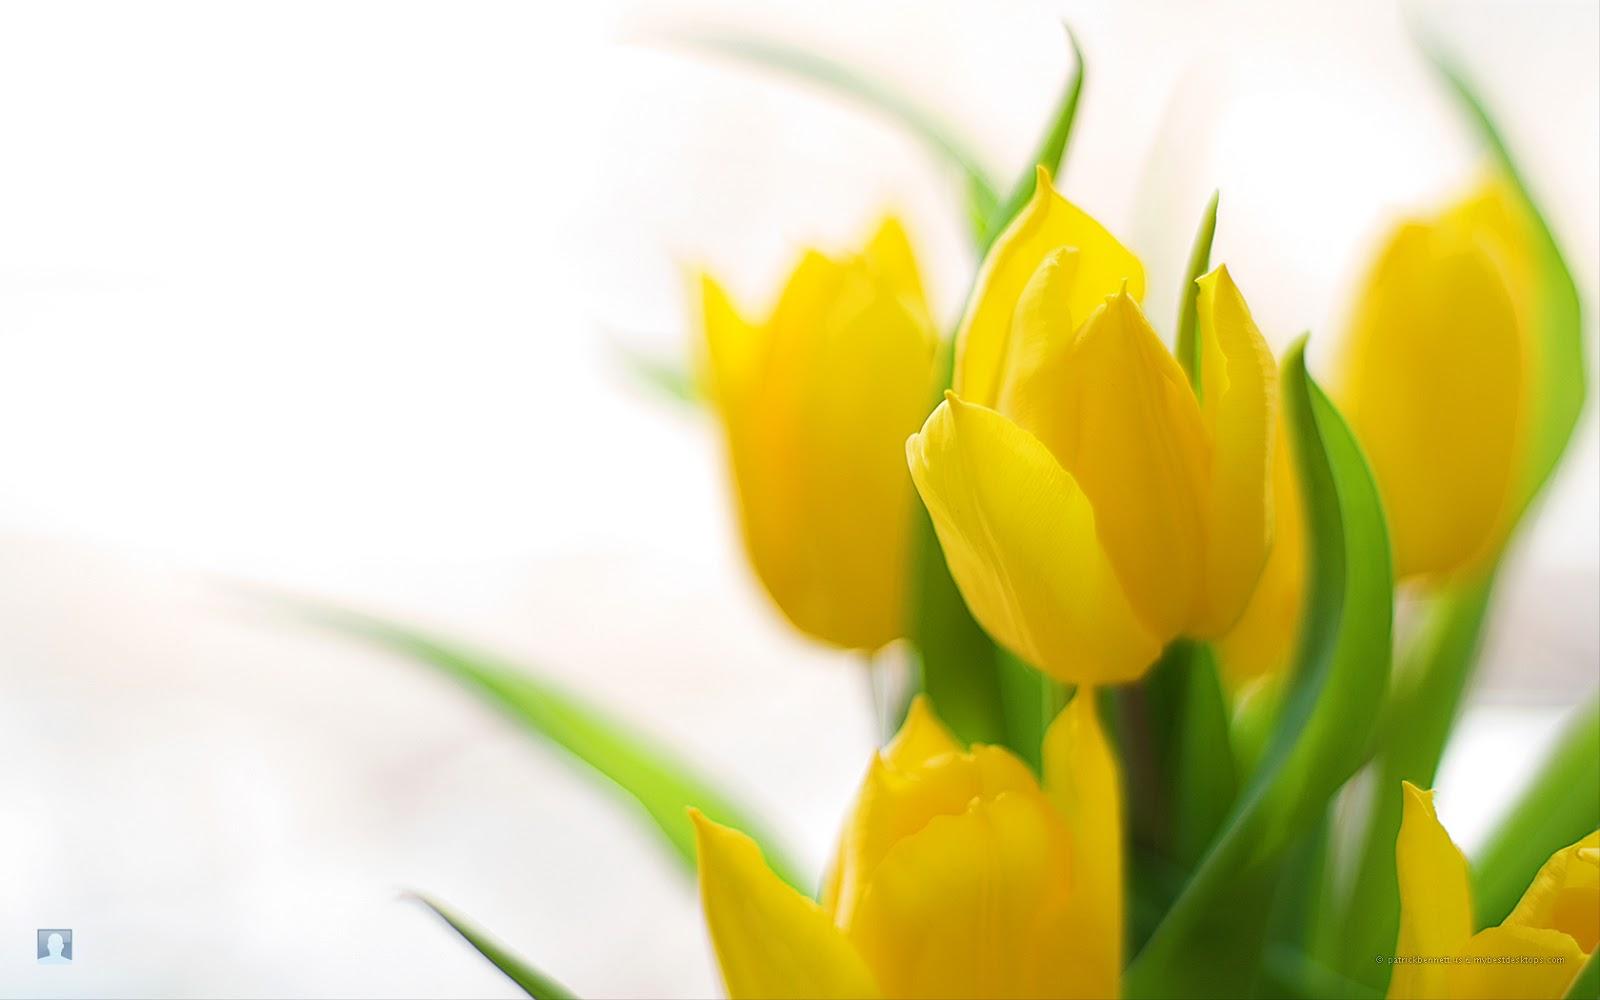 ... /s1600/Free-desktop-wallpapers-blog-archive-spring-flowers-5.jpg